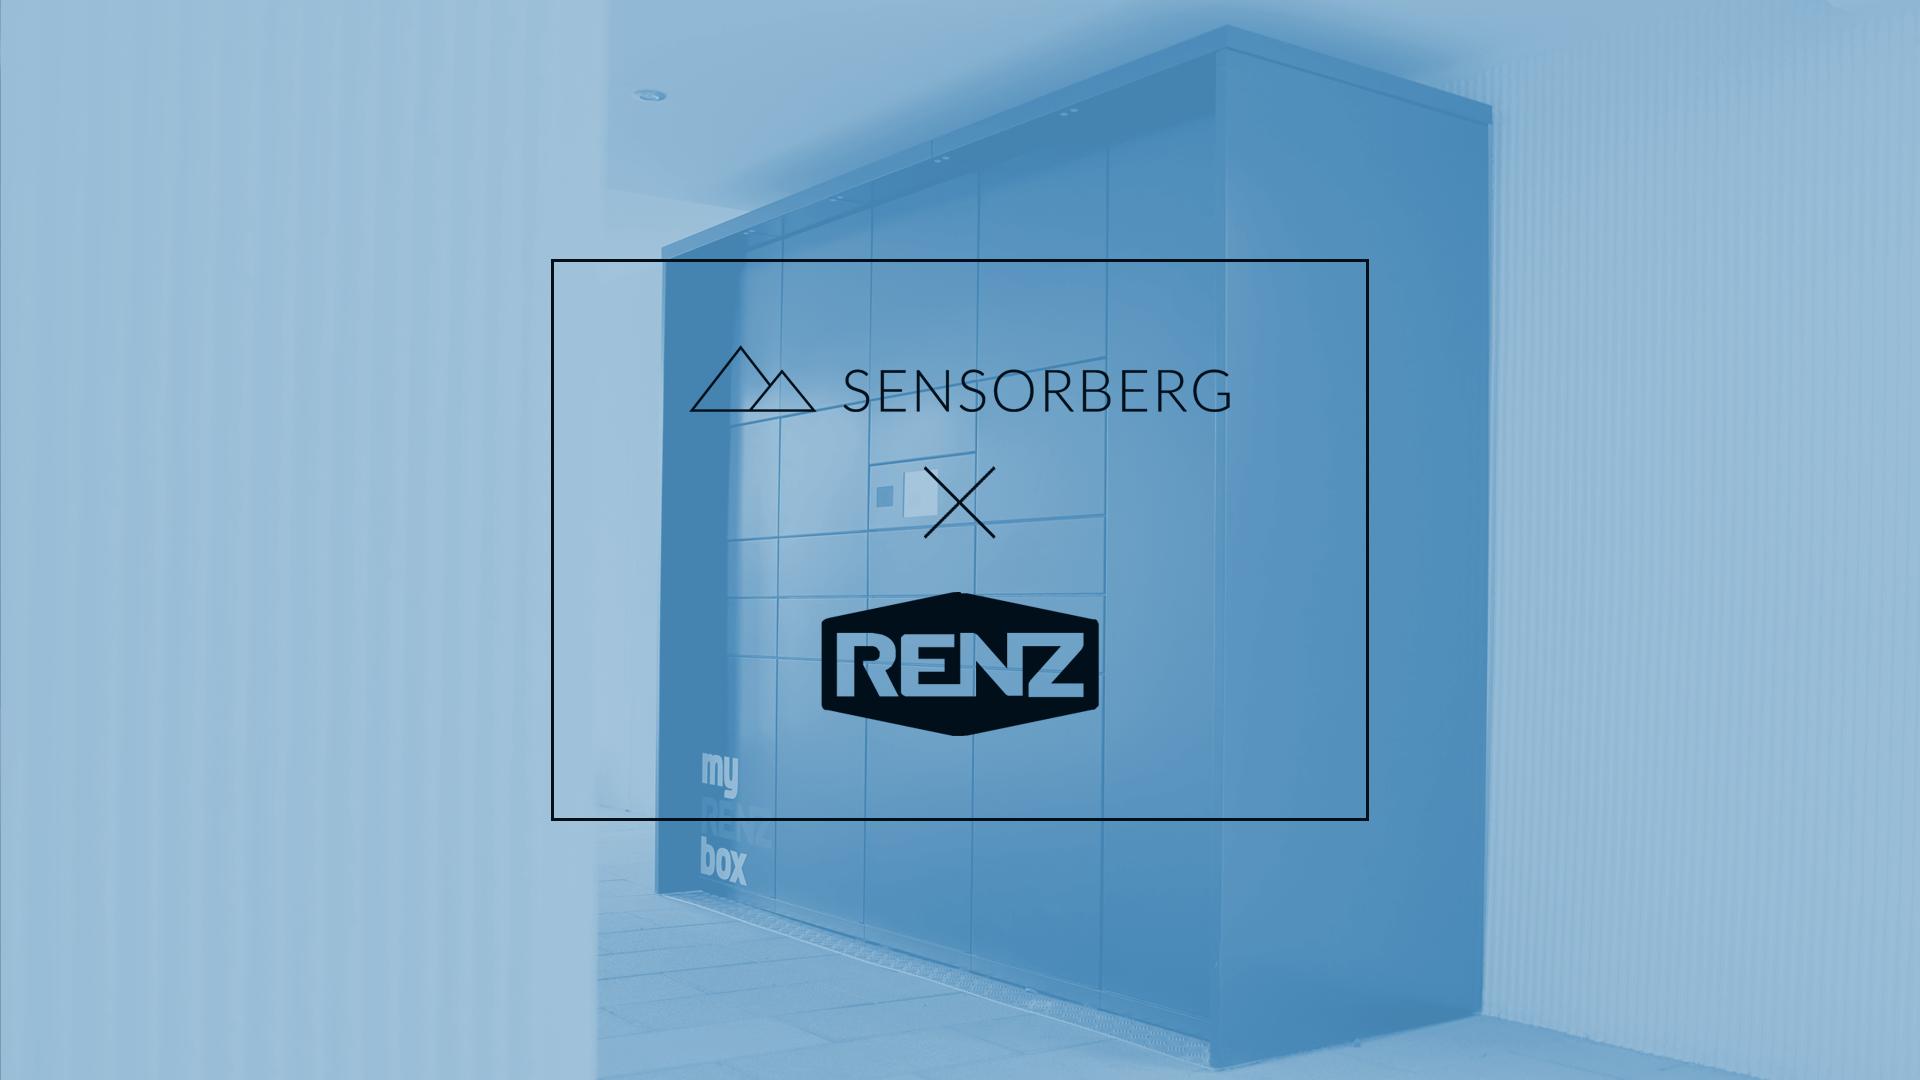 Sensorberg und RENZ vereinbaren strategische Zusammenarbeit